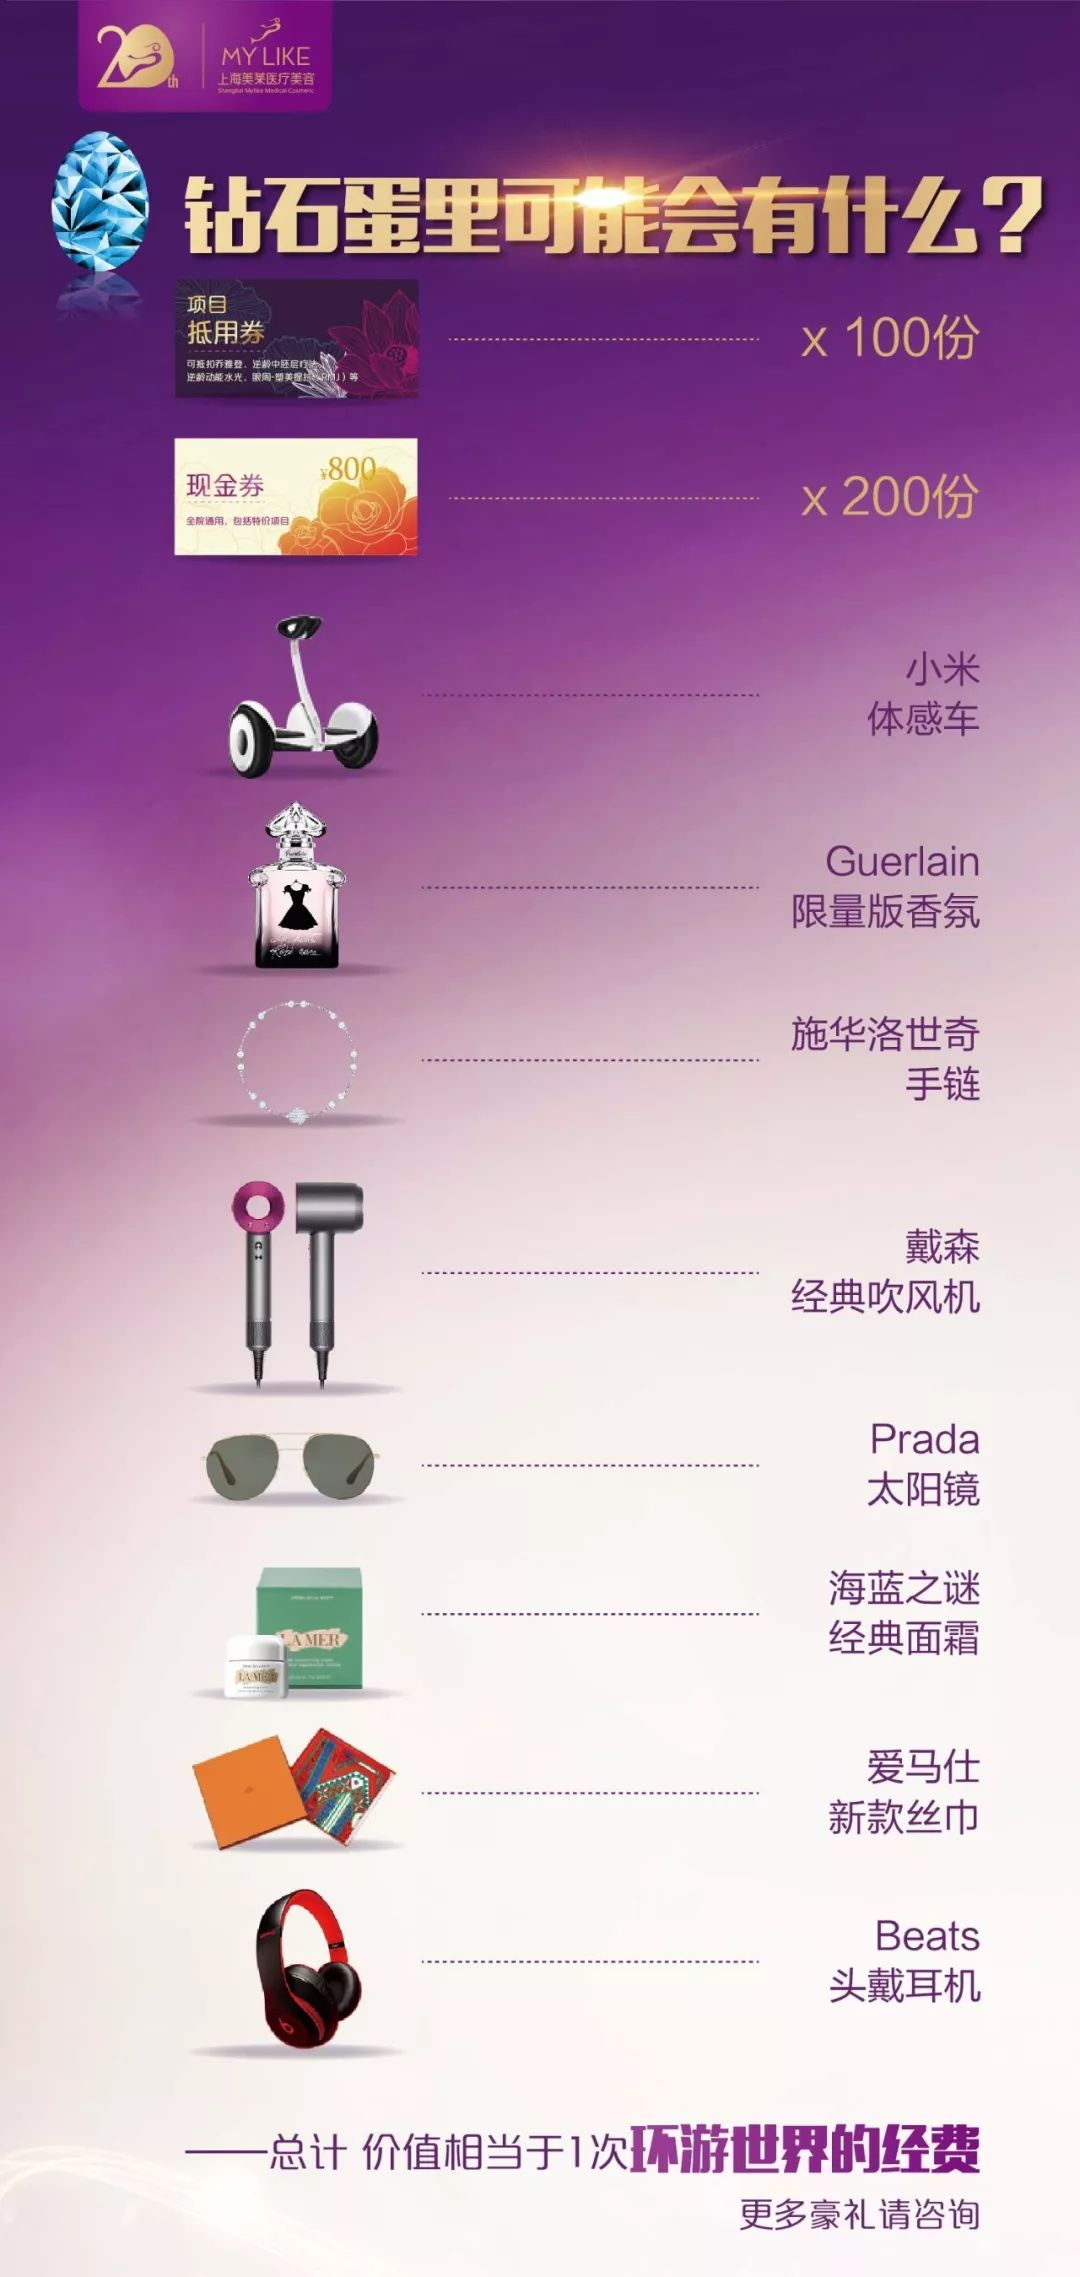 上海美莱2018周年庆